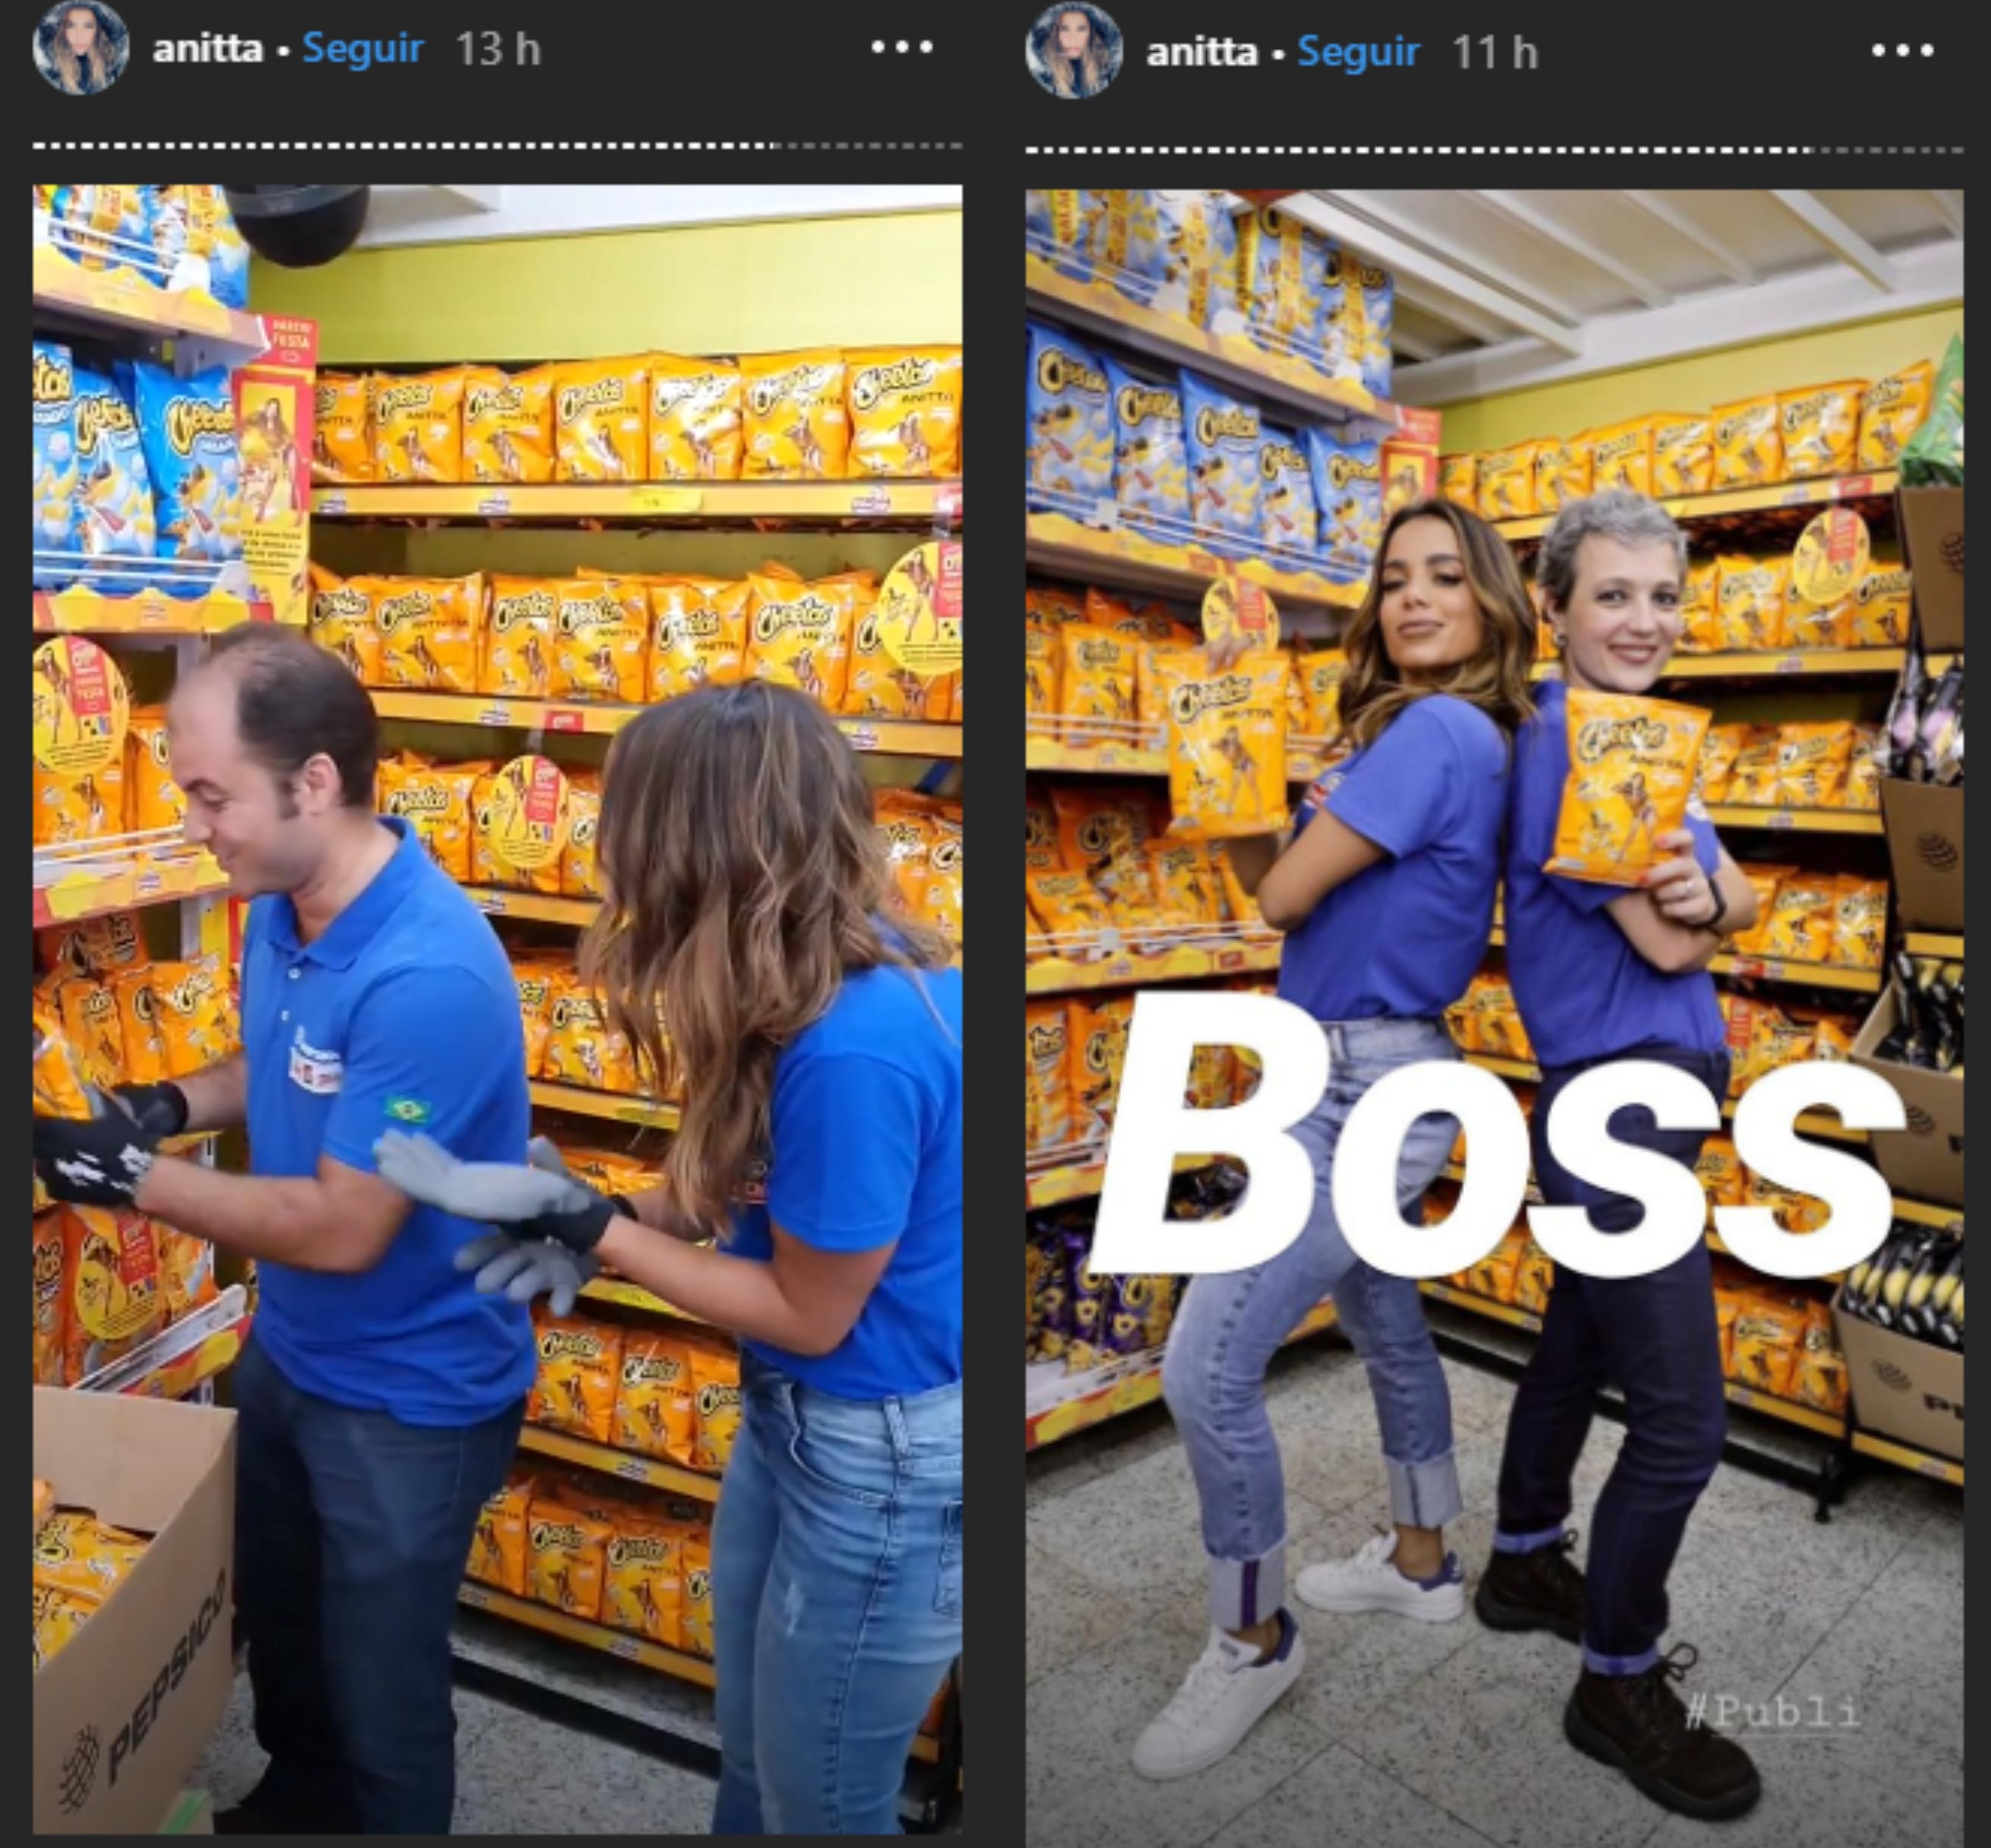 Anitta tem dia diferente em supermercado em Madureira